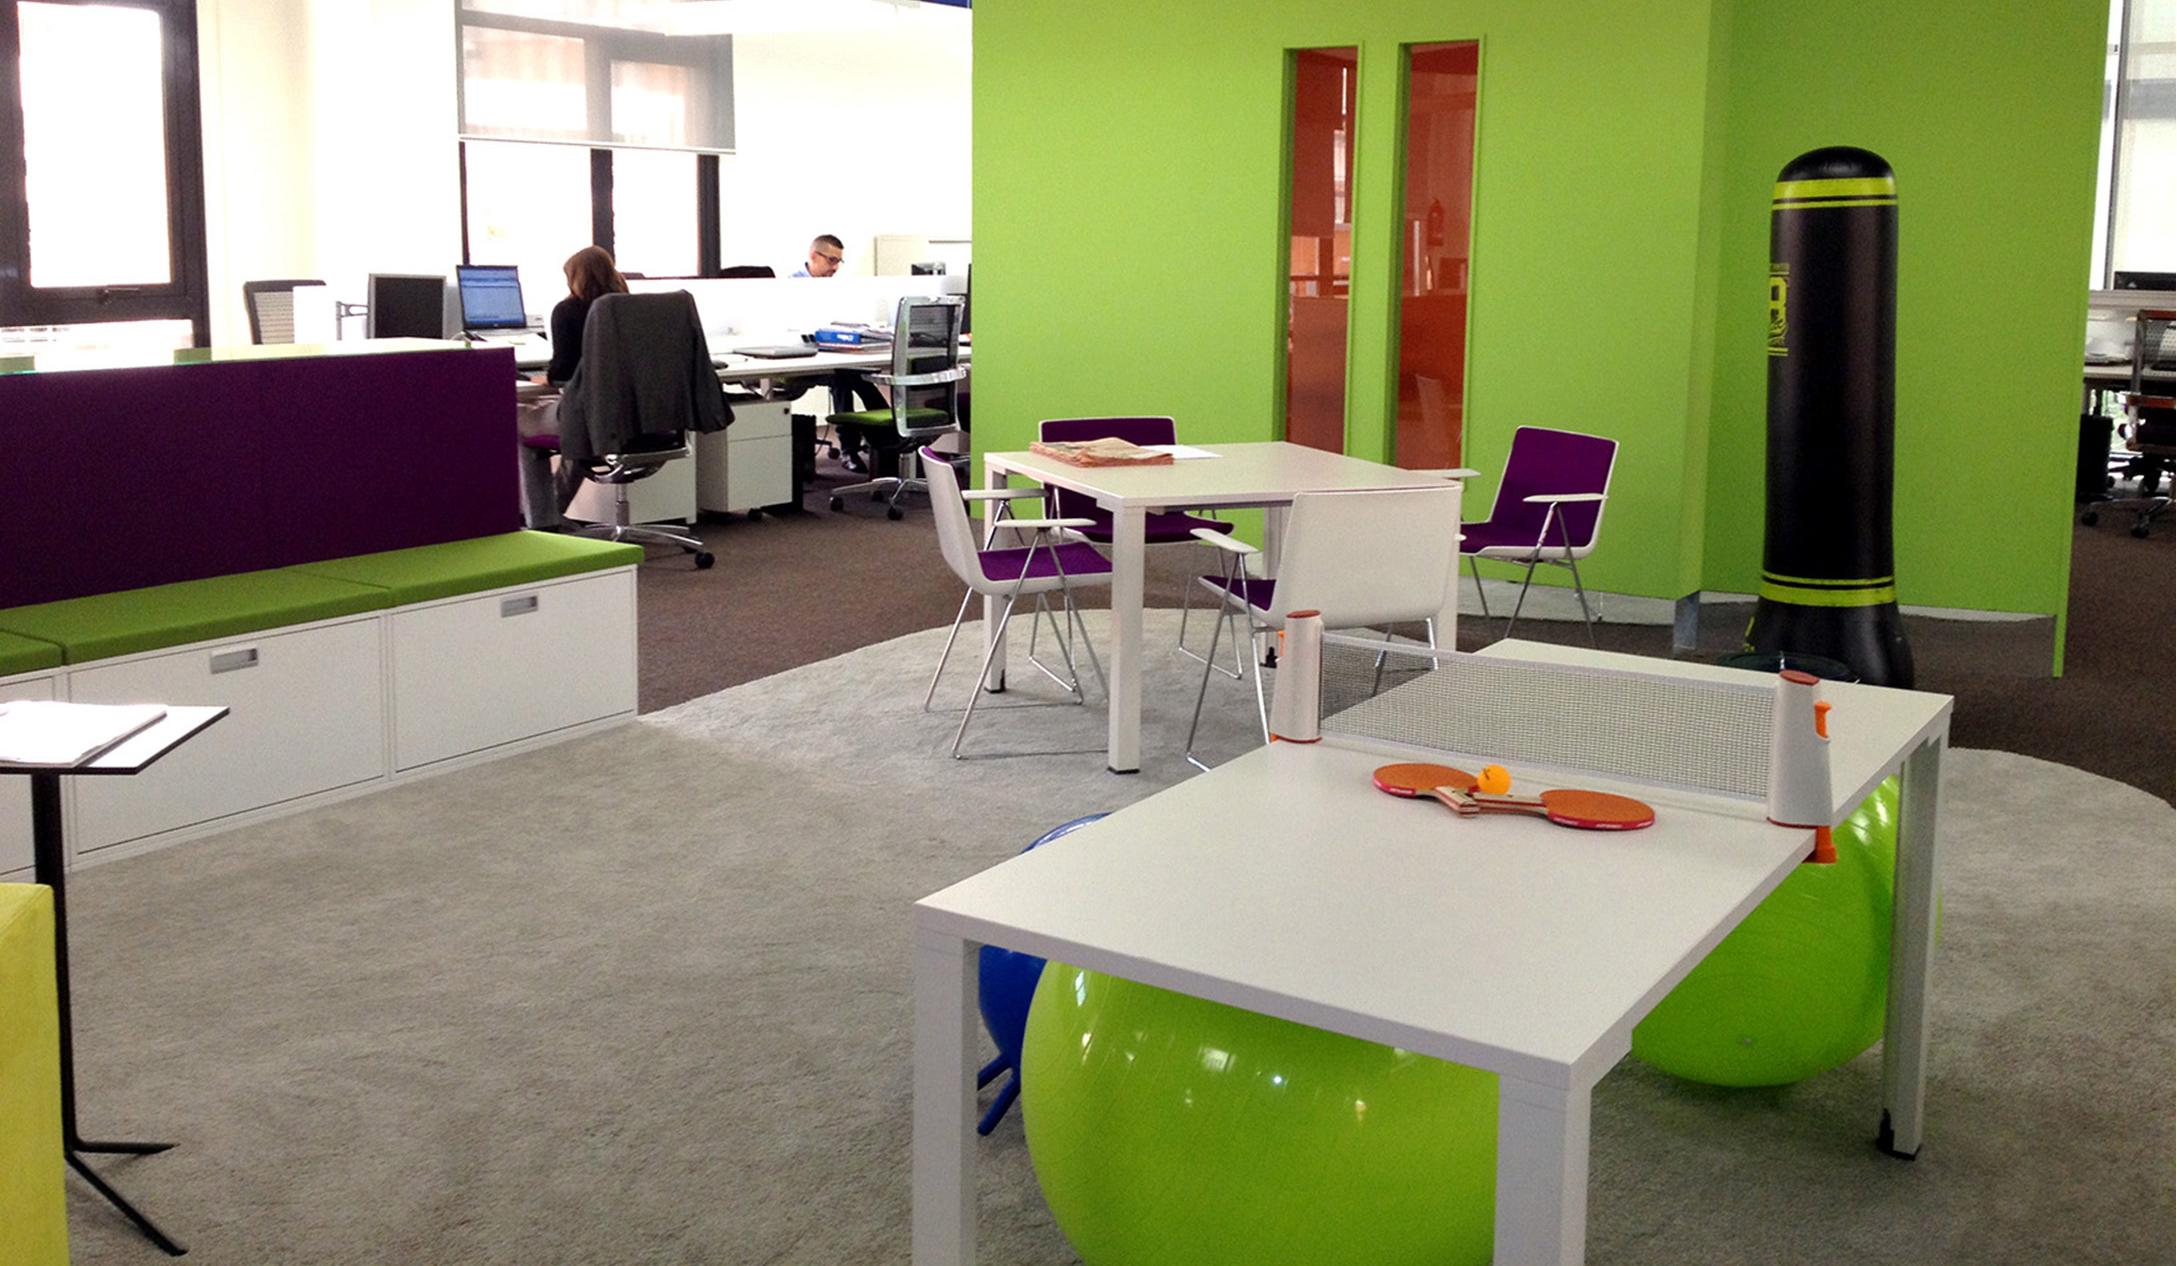 El trabajo flexible est revolucionando el dise o de las oficinas rhsaludable - Oficinas de adecco en madrid ...